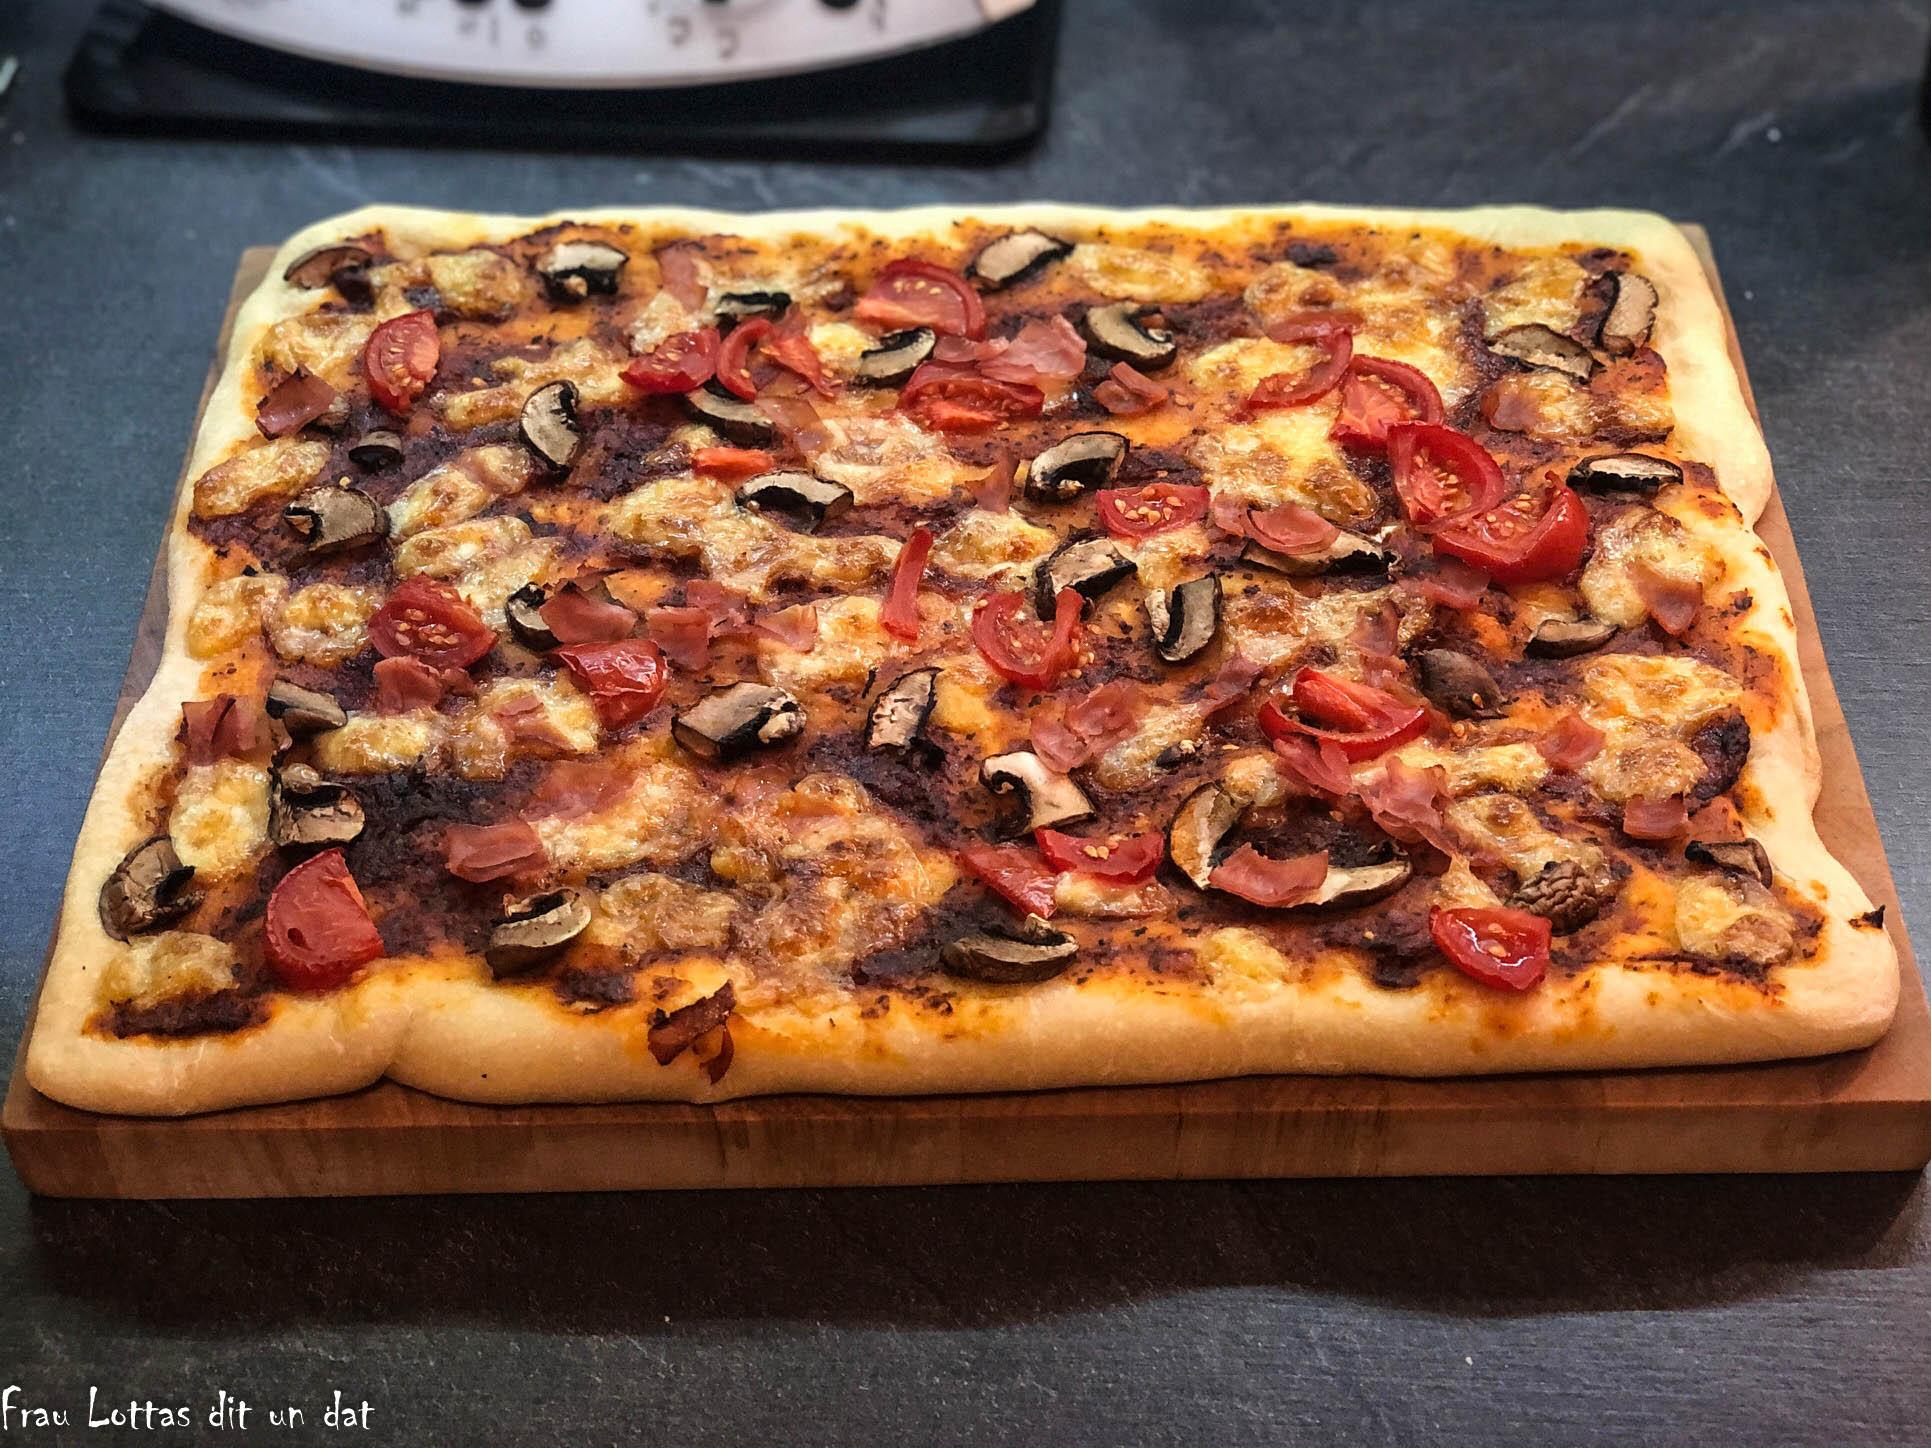 Bild der fertigen Pizza auf einem Brett